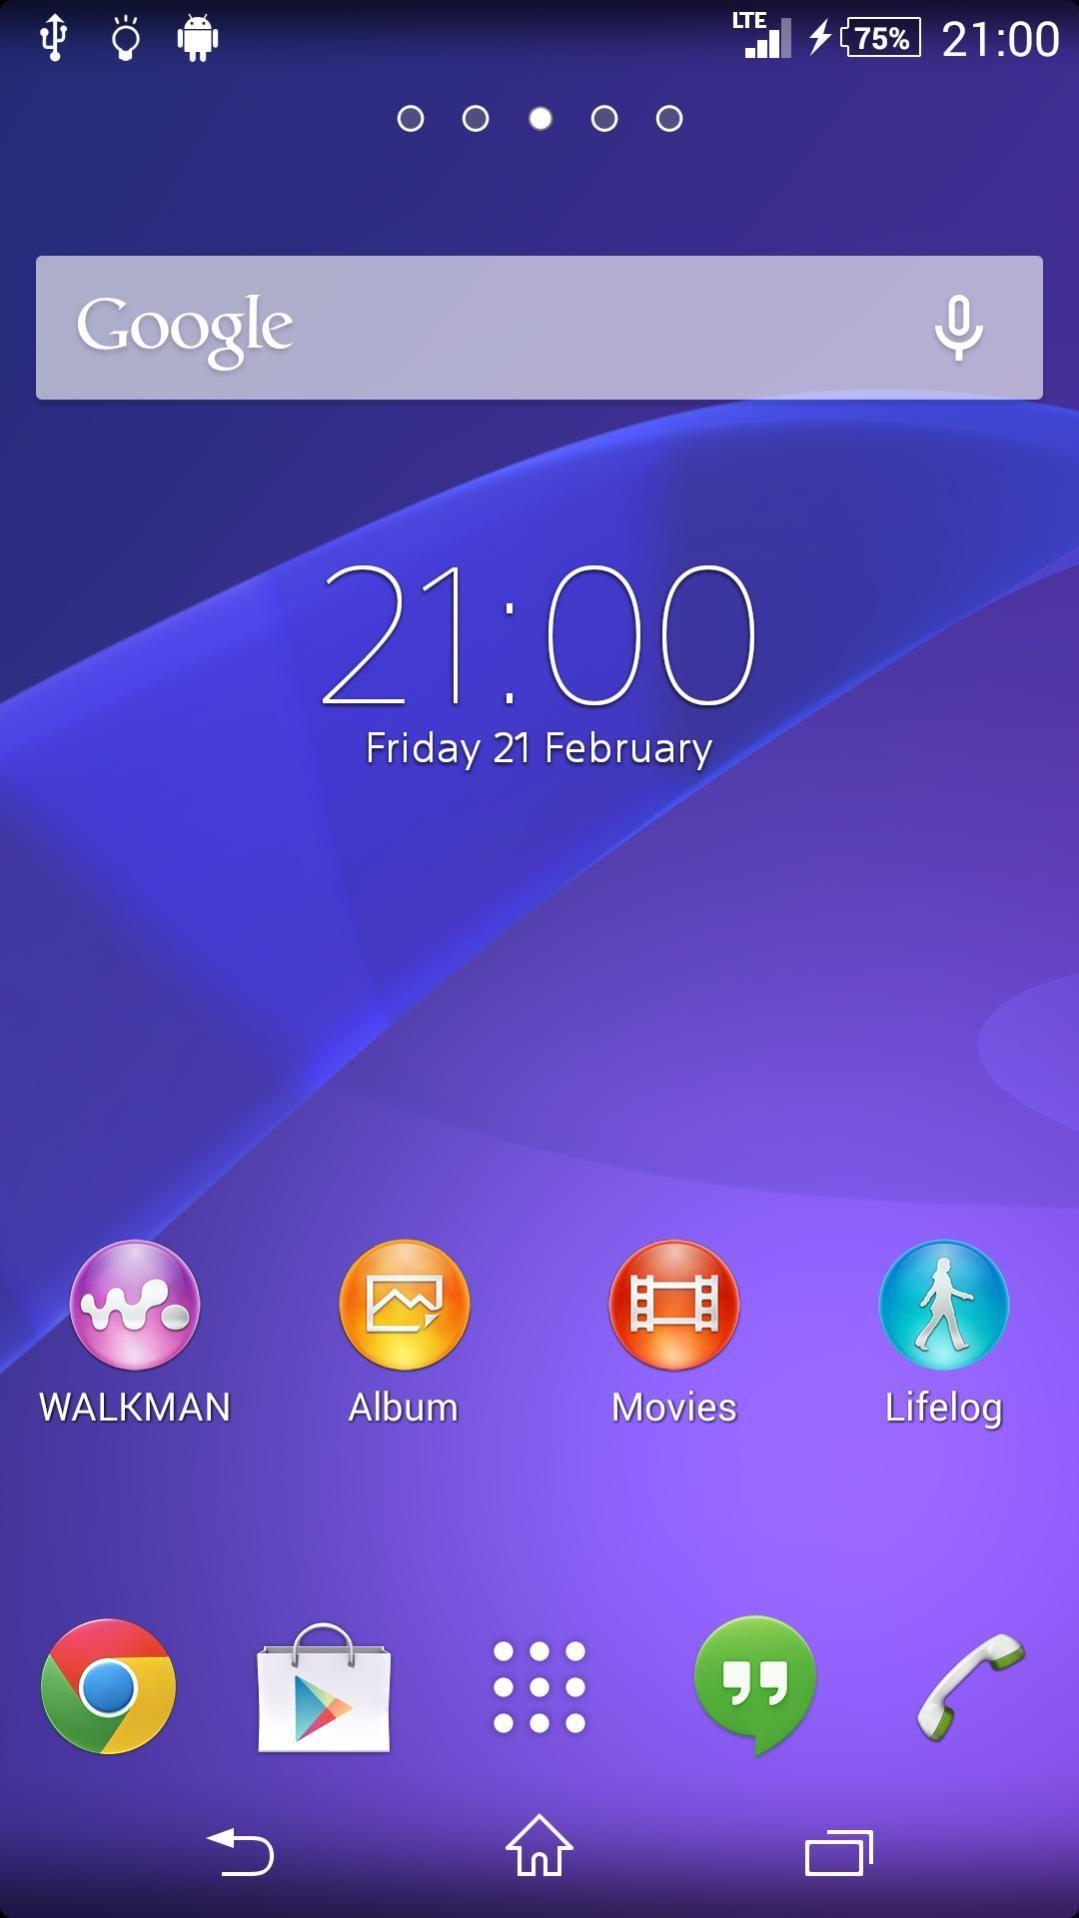 Spesifikasi dan harga Sony Xperia C3 update terbaru 2015 dan harga sony xperia c3 update terbaru …